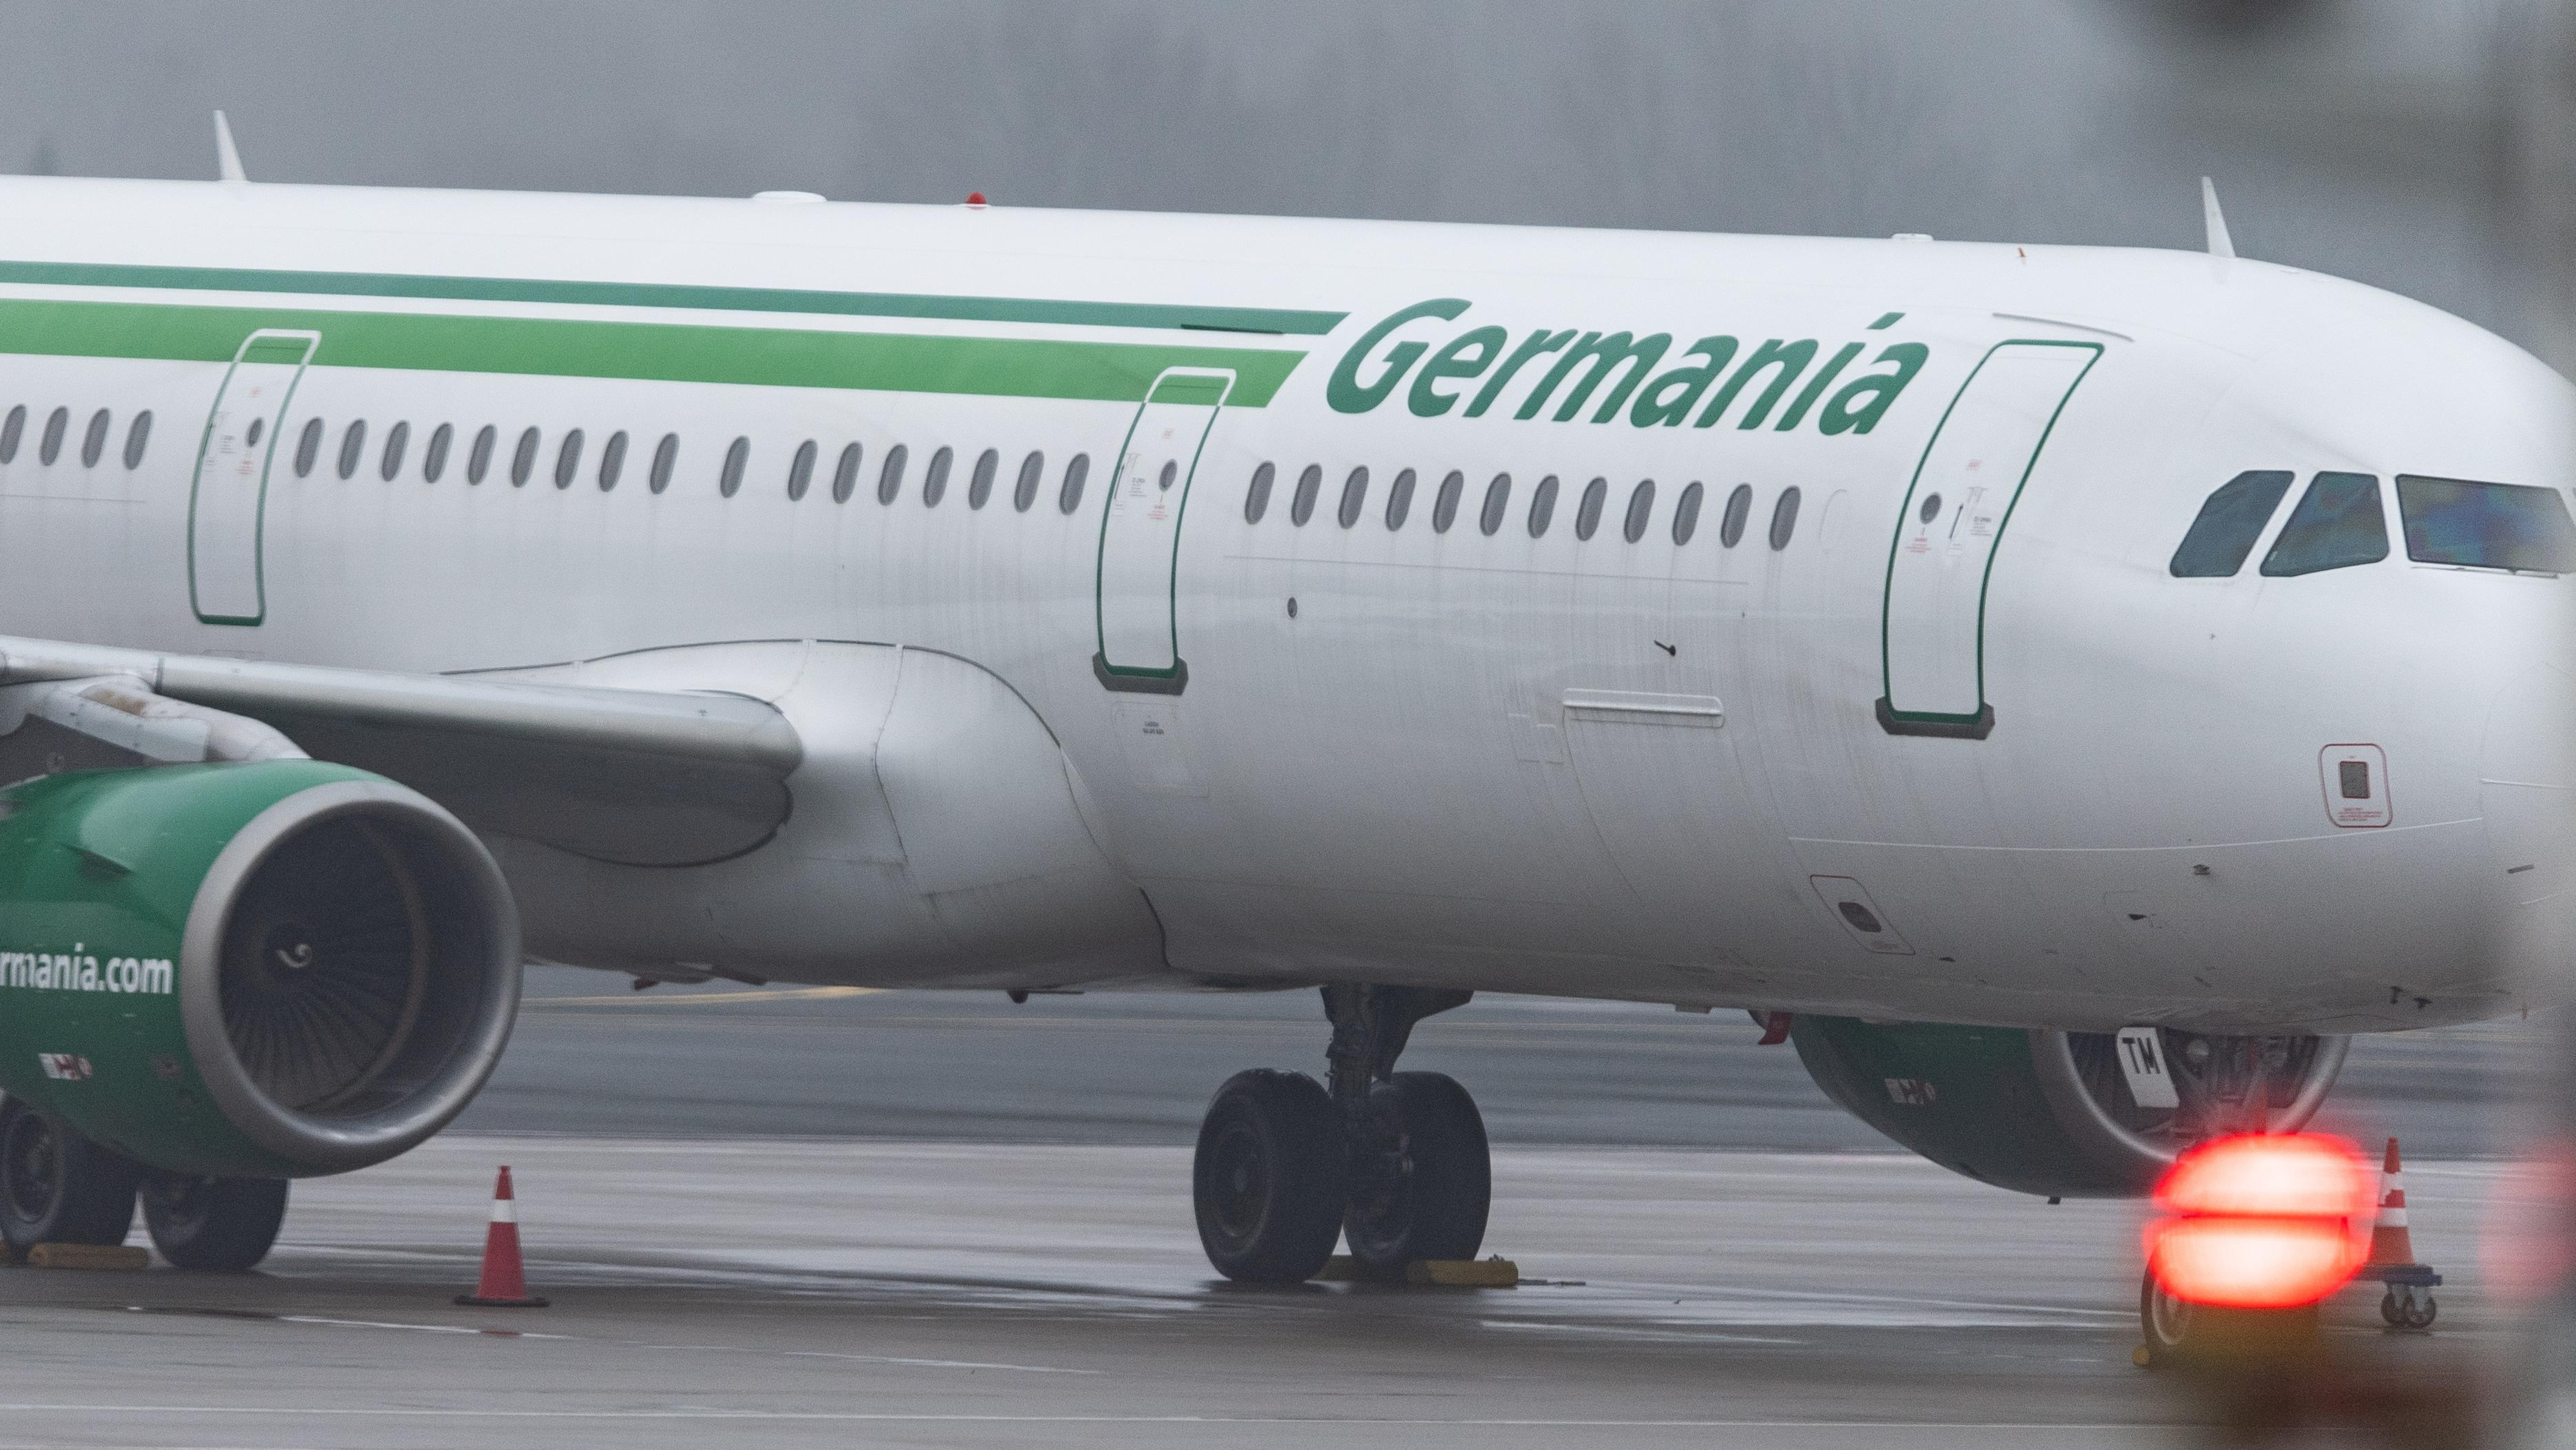 Ein Flugzeug der Fluggesellschaft Germania am Flughafen Düsseldorf